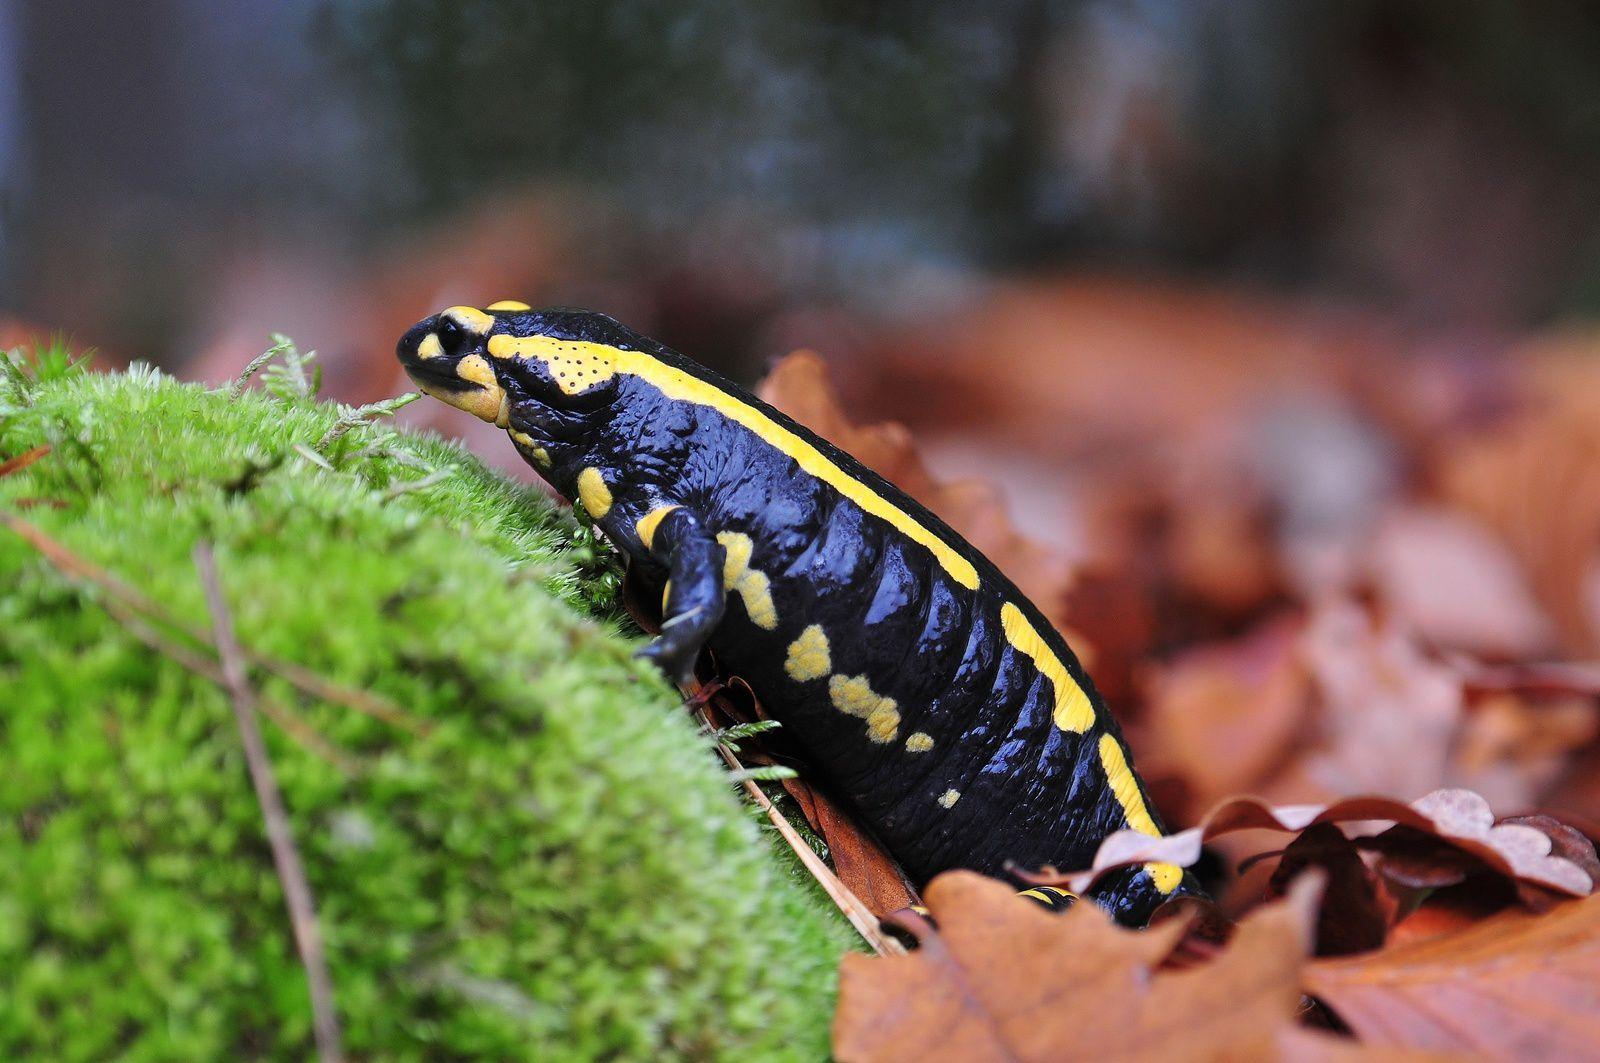 Salamandre tachetée. Les taches permettent de différencier les individus.